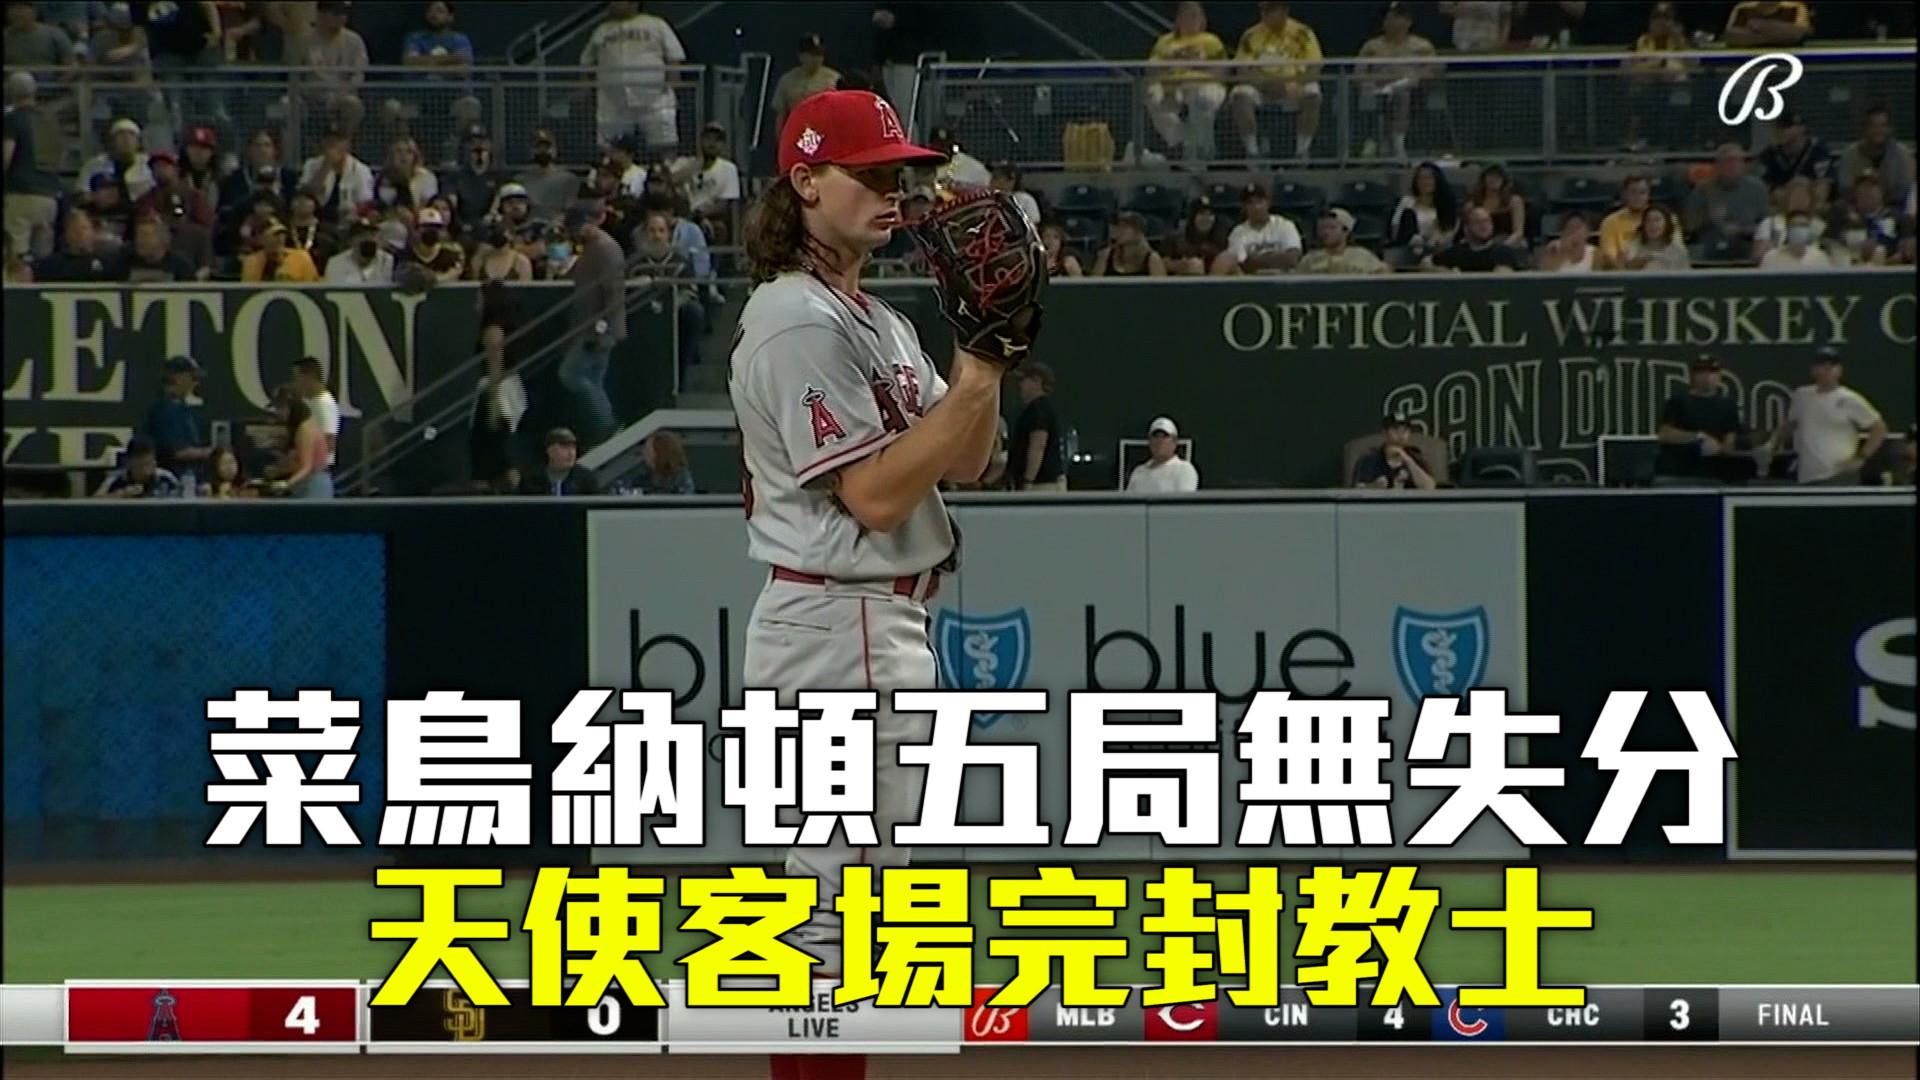 【MLB看愛爾達】天使新秀表現搶眼 客場戰勝塞揚左投 09/08